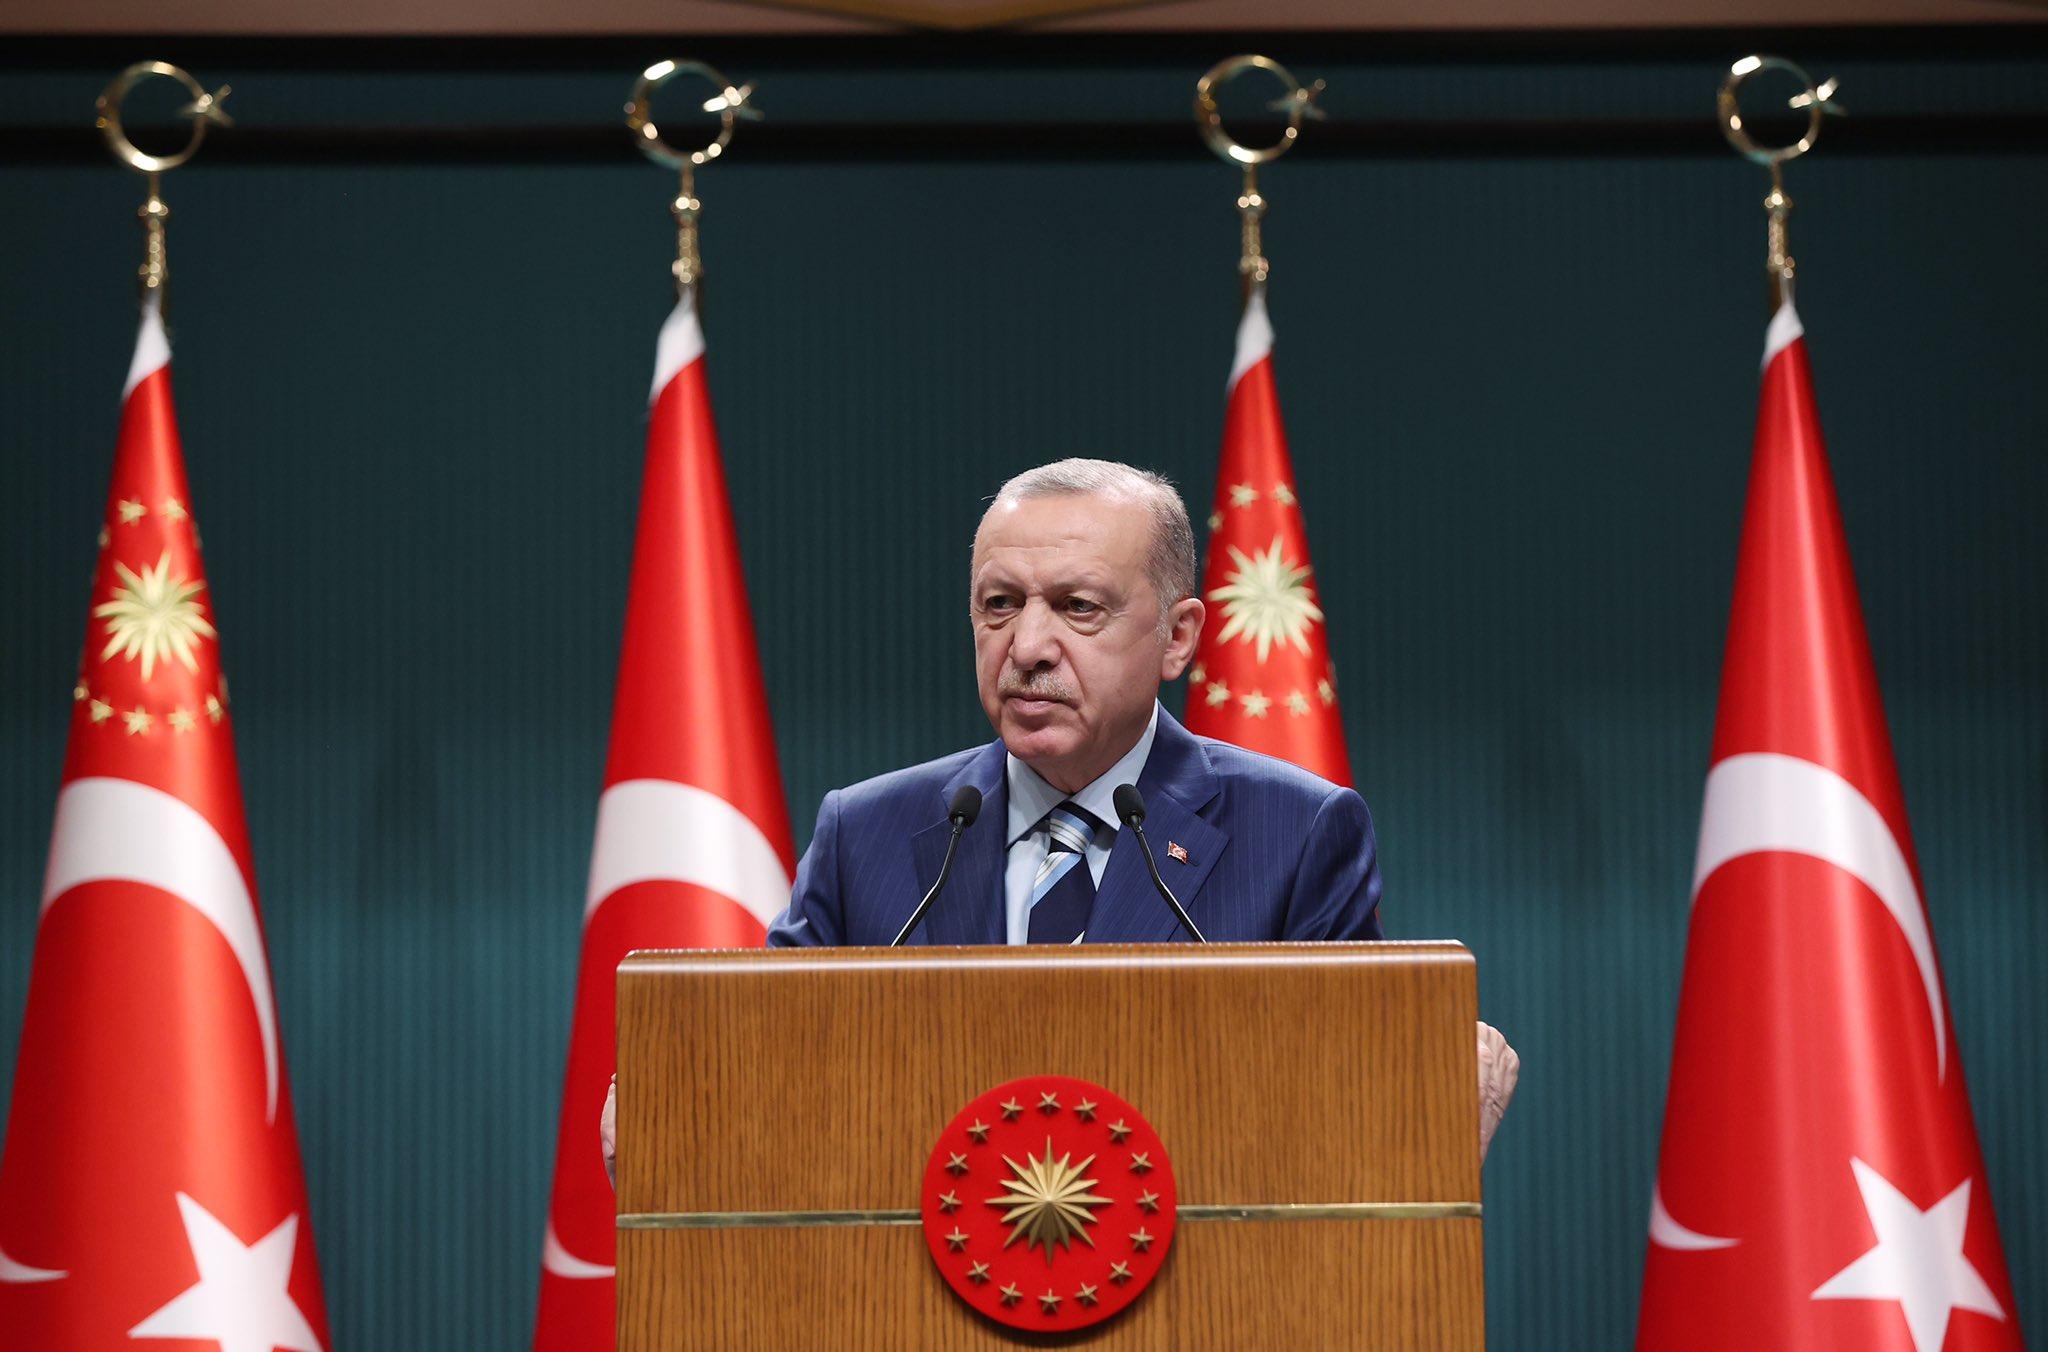 Ο Ερντογάν έχει νεύρα… και ο λόγος δεν είναι μόνο ελληνο-γαλλικός